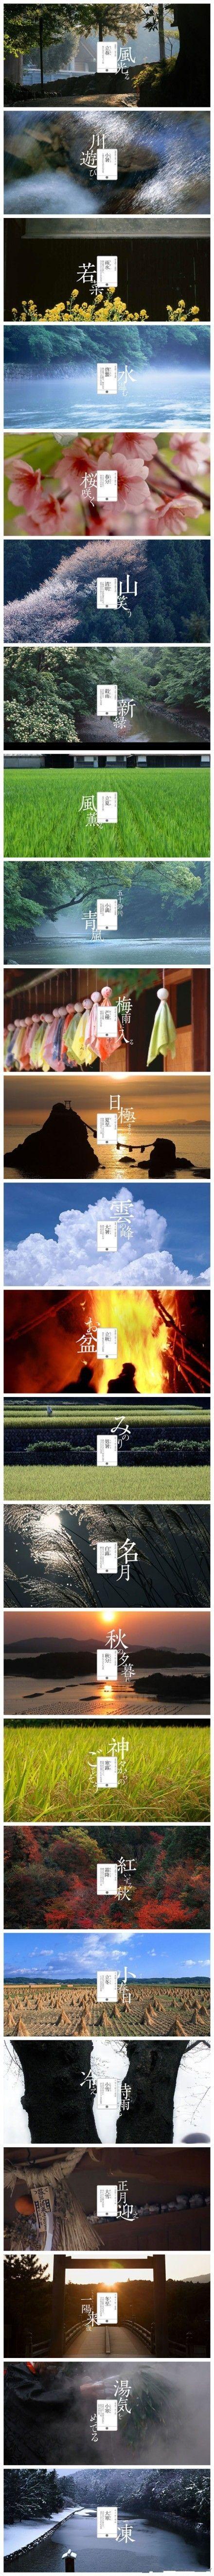 日本二十四节气